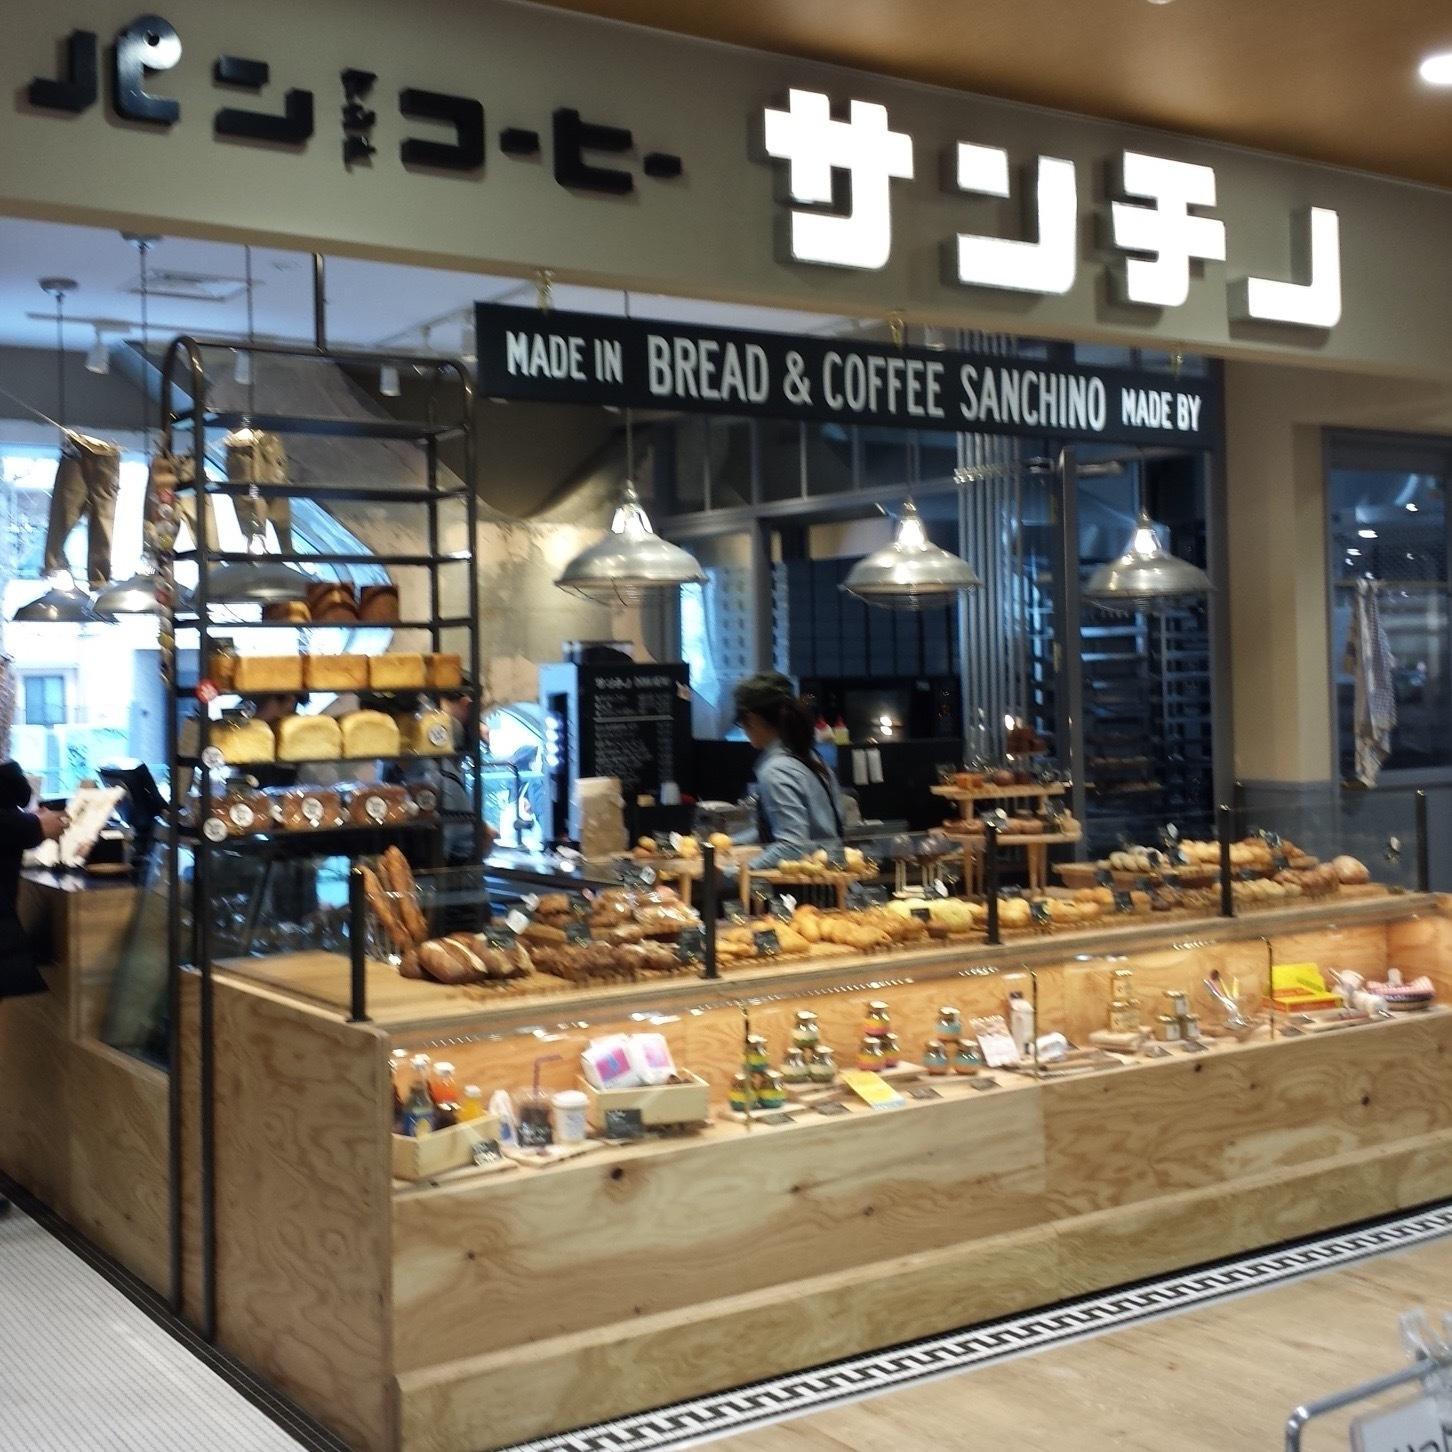 人気のパン屋365日の新形態、その名も『サンチノ』_1_1-3